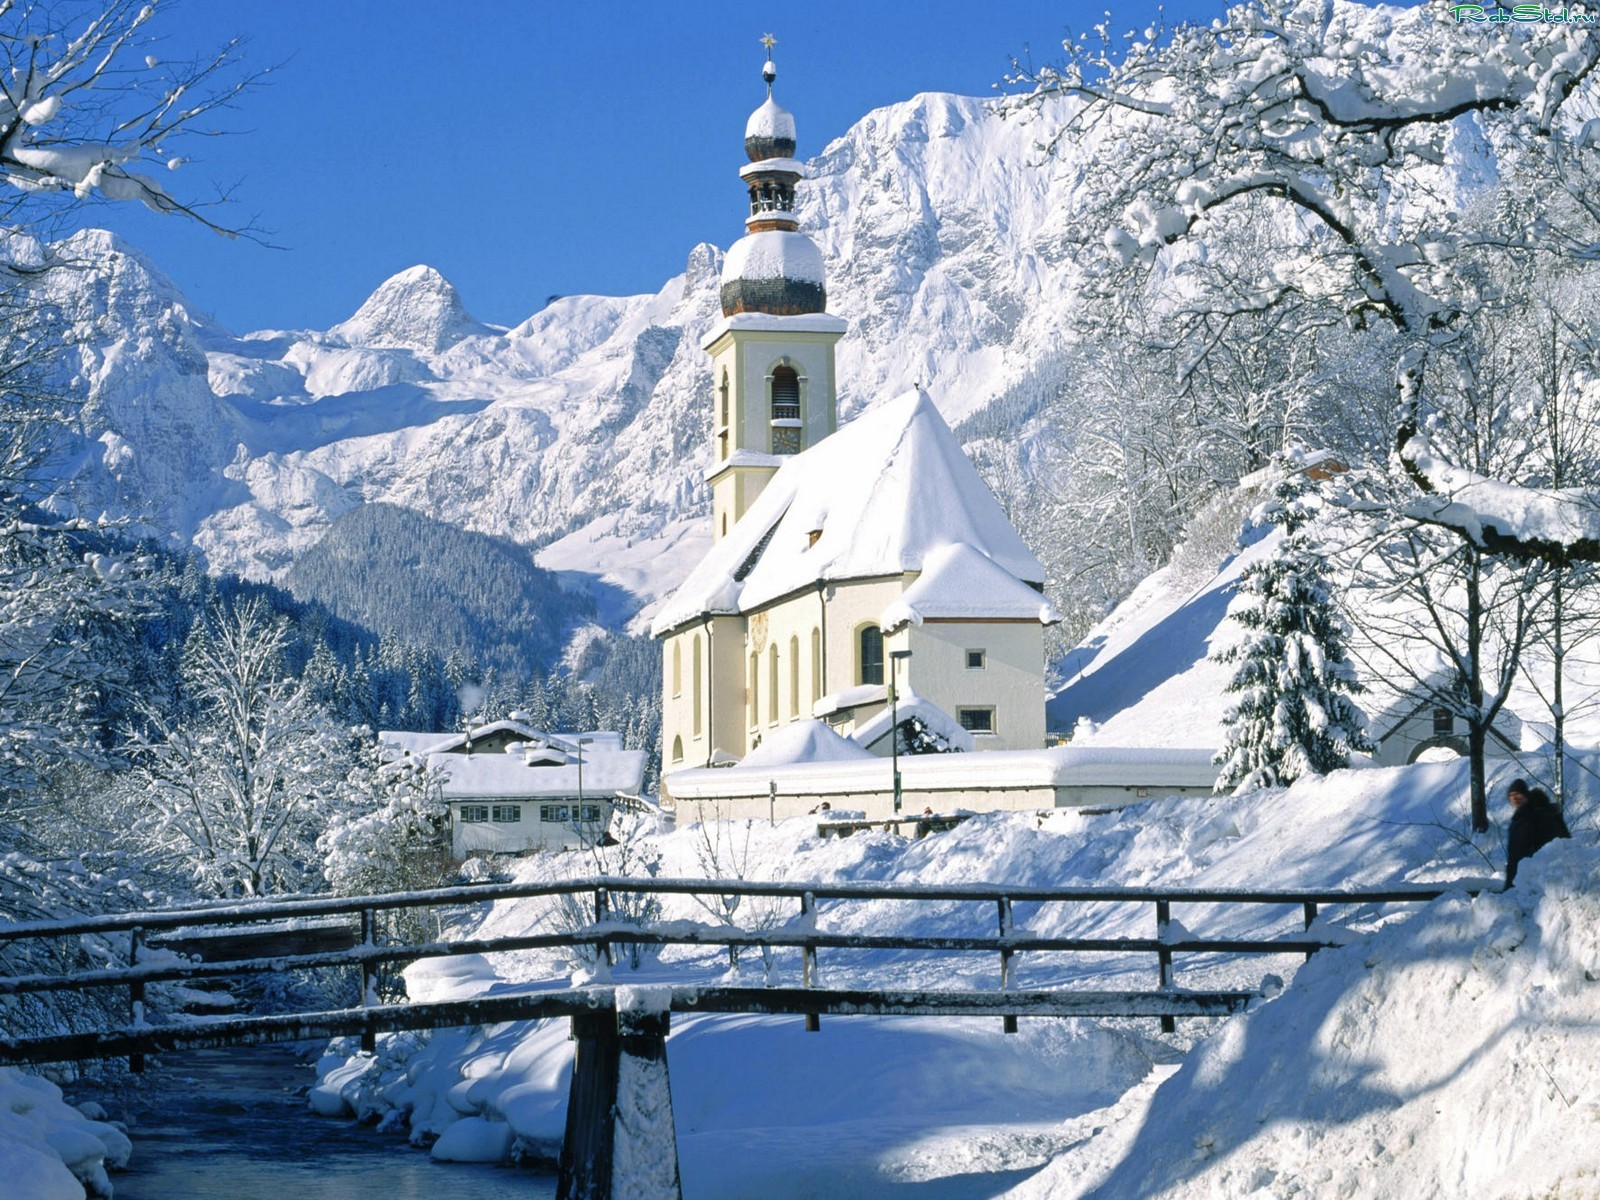 Дом в снегу, обои, фото, скачать, зима, красивое фото